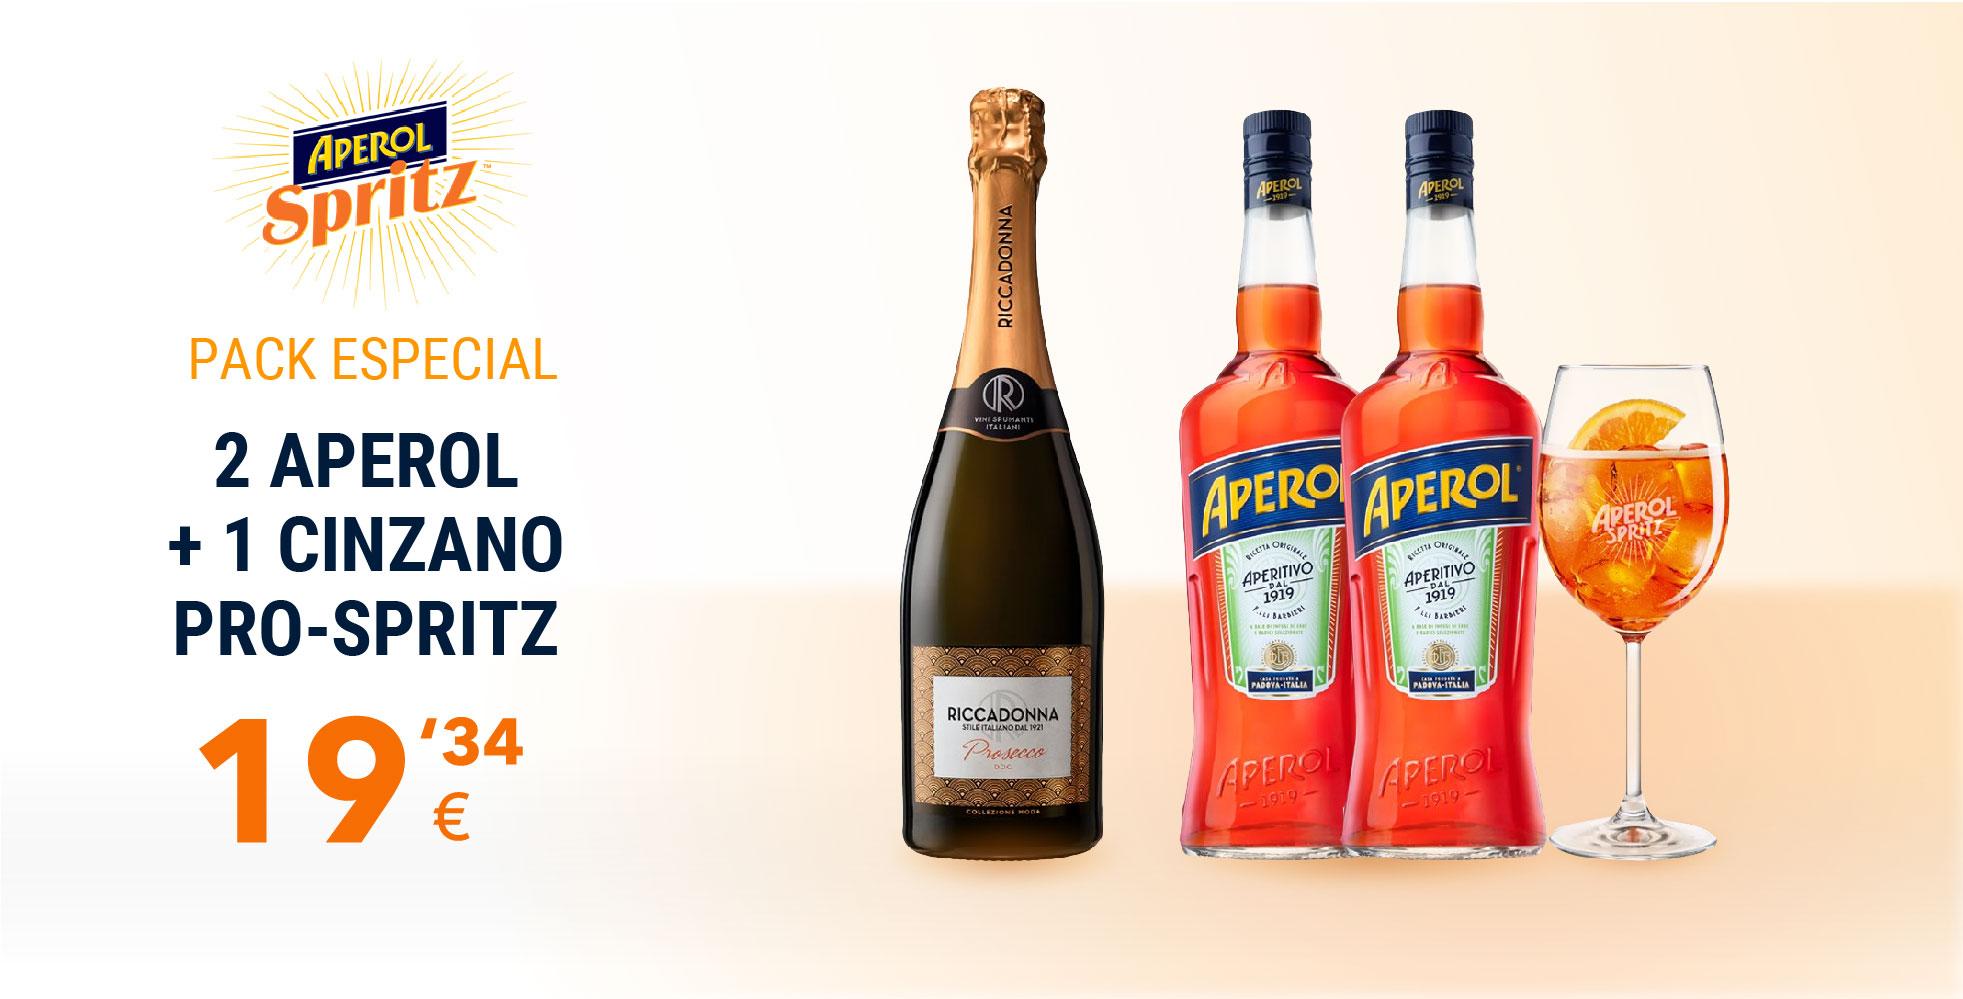 Pack Especial - 2 Aperol + 1 Cinzano Pro-Spritz